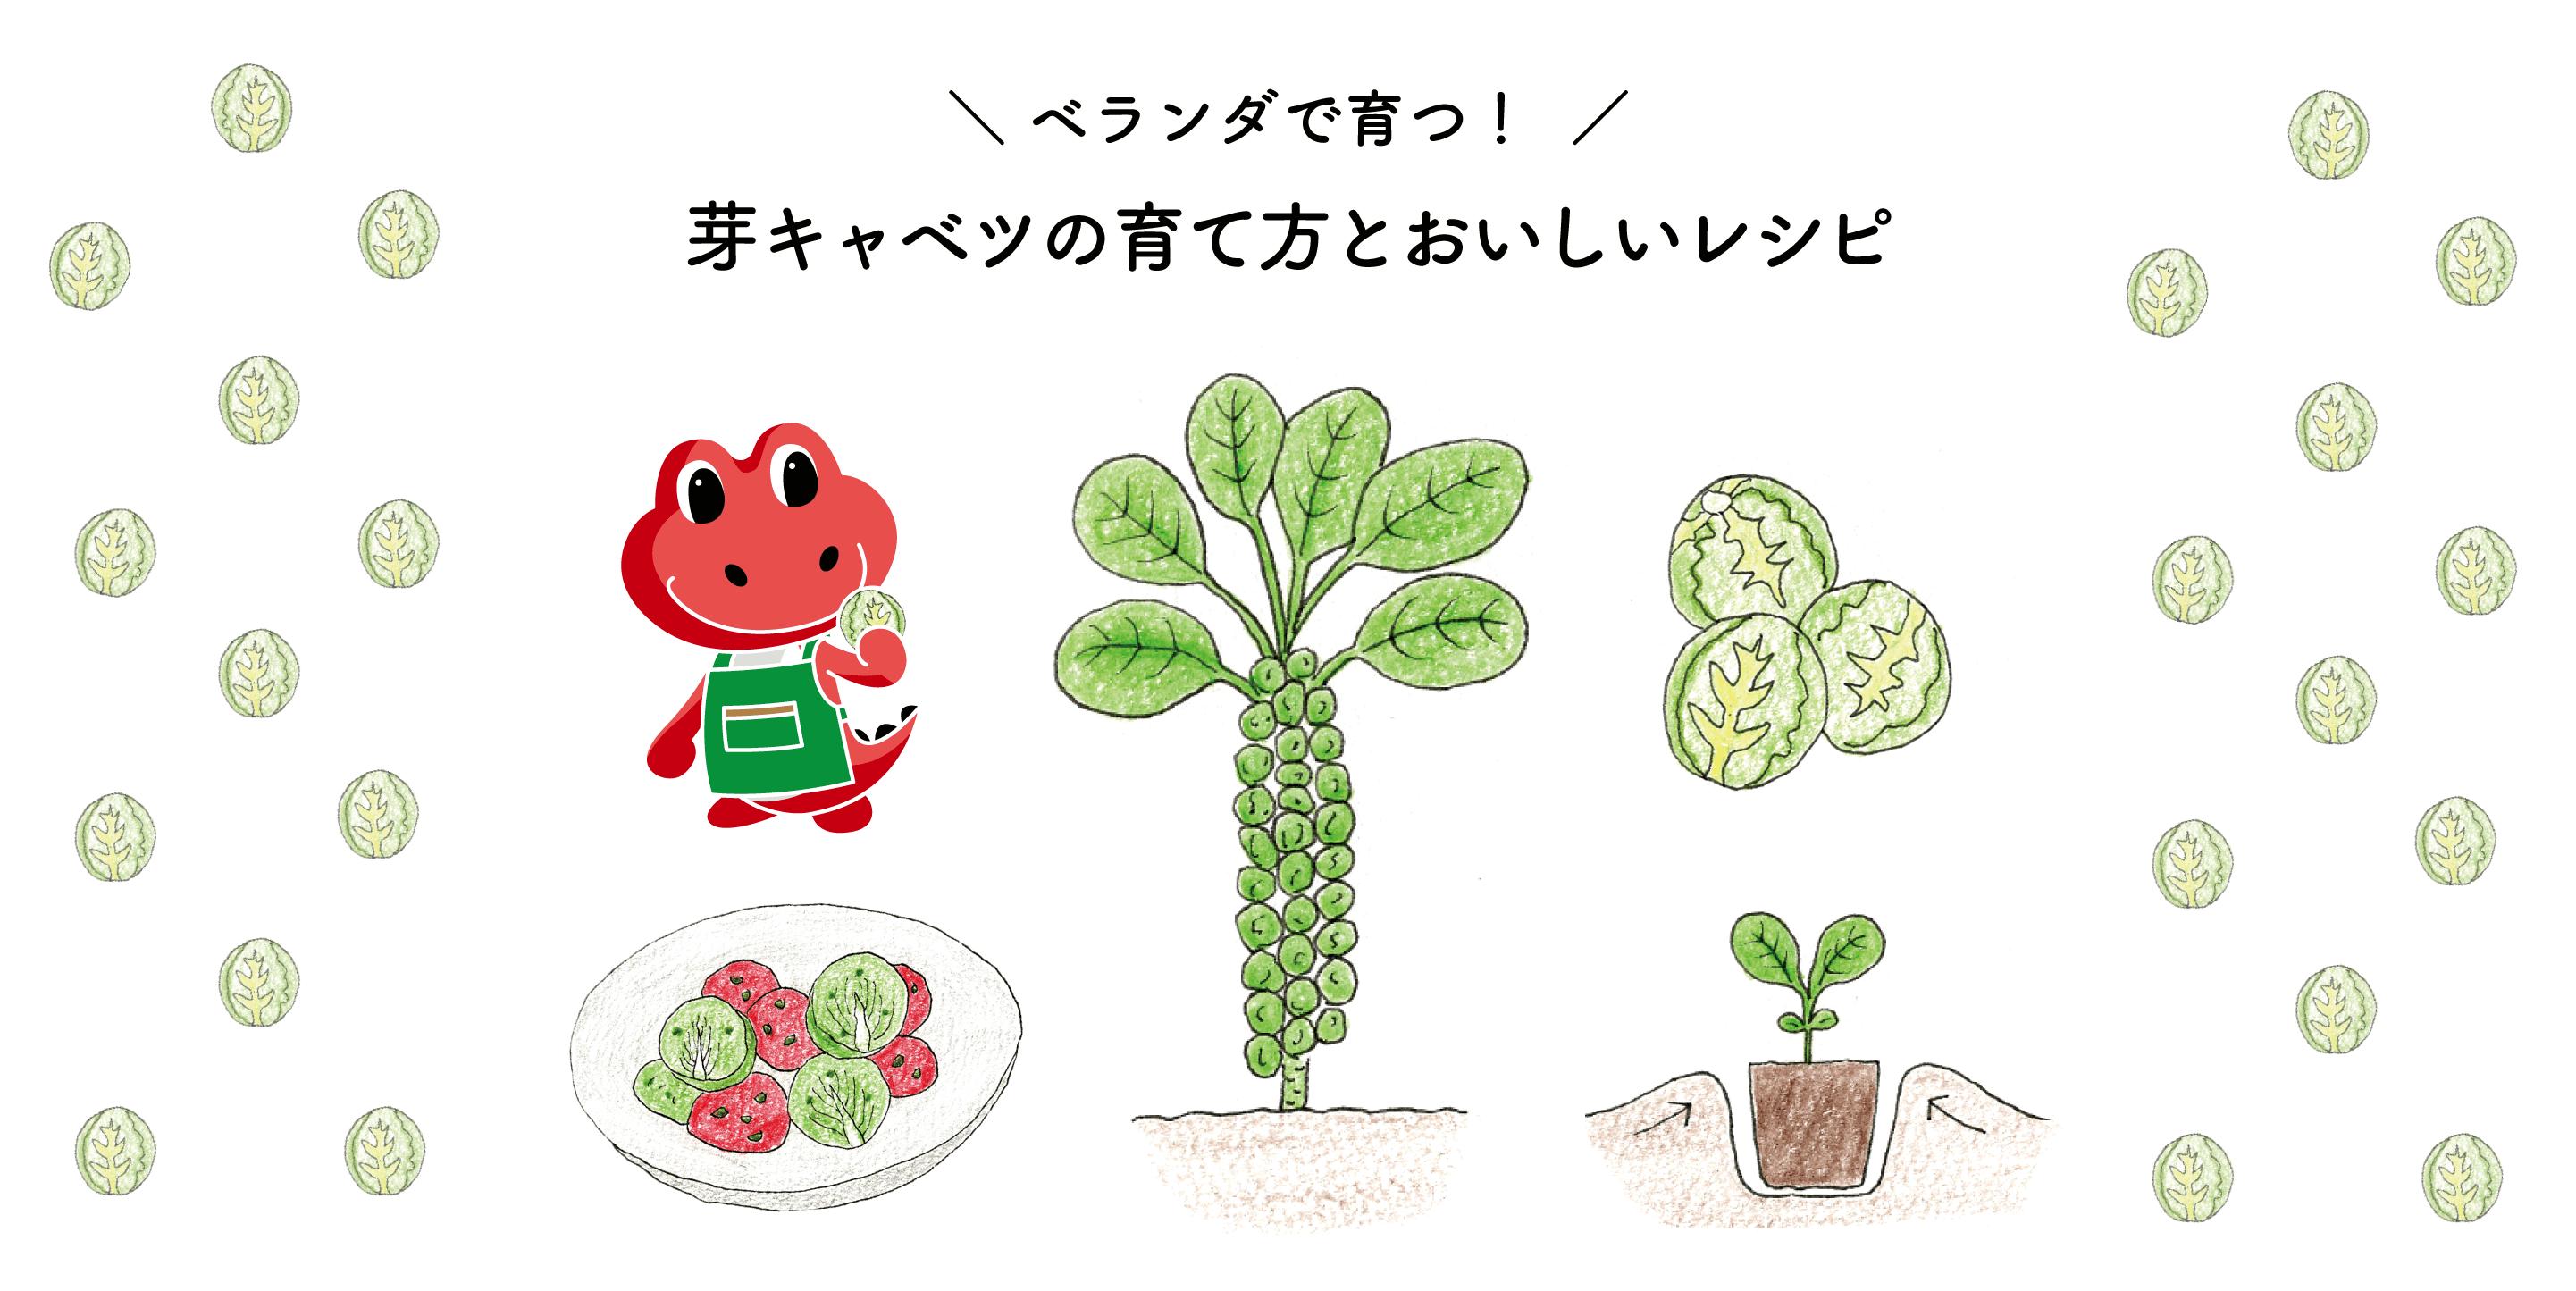 ベランダ菜園におすすめ!芽キャベツの育て方とおいしいレシピ